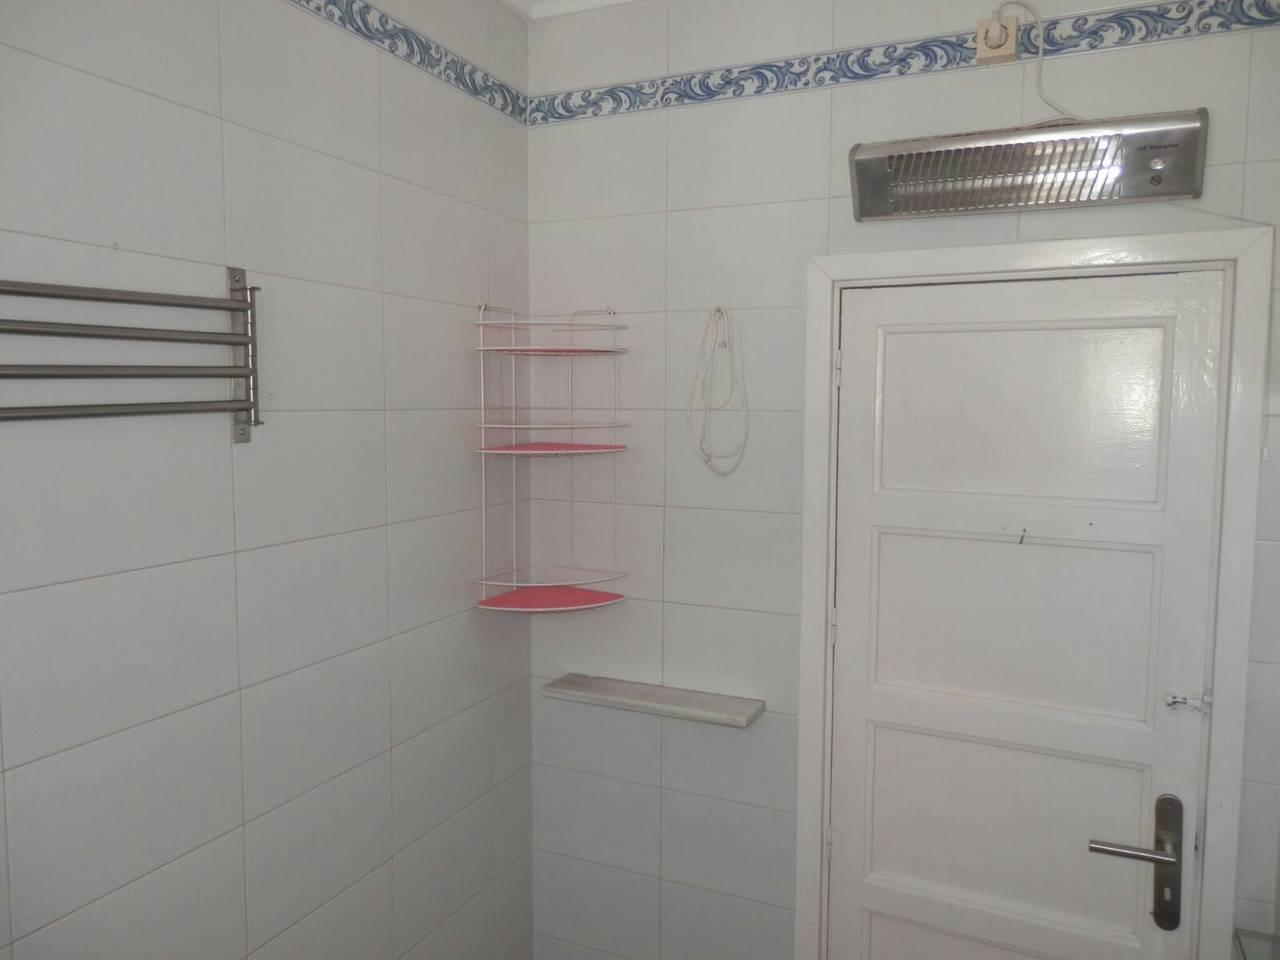 Alquiler piso Zona Reina Mercedes  - Foto 7